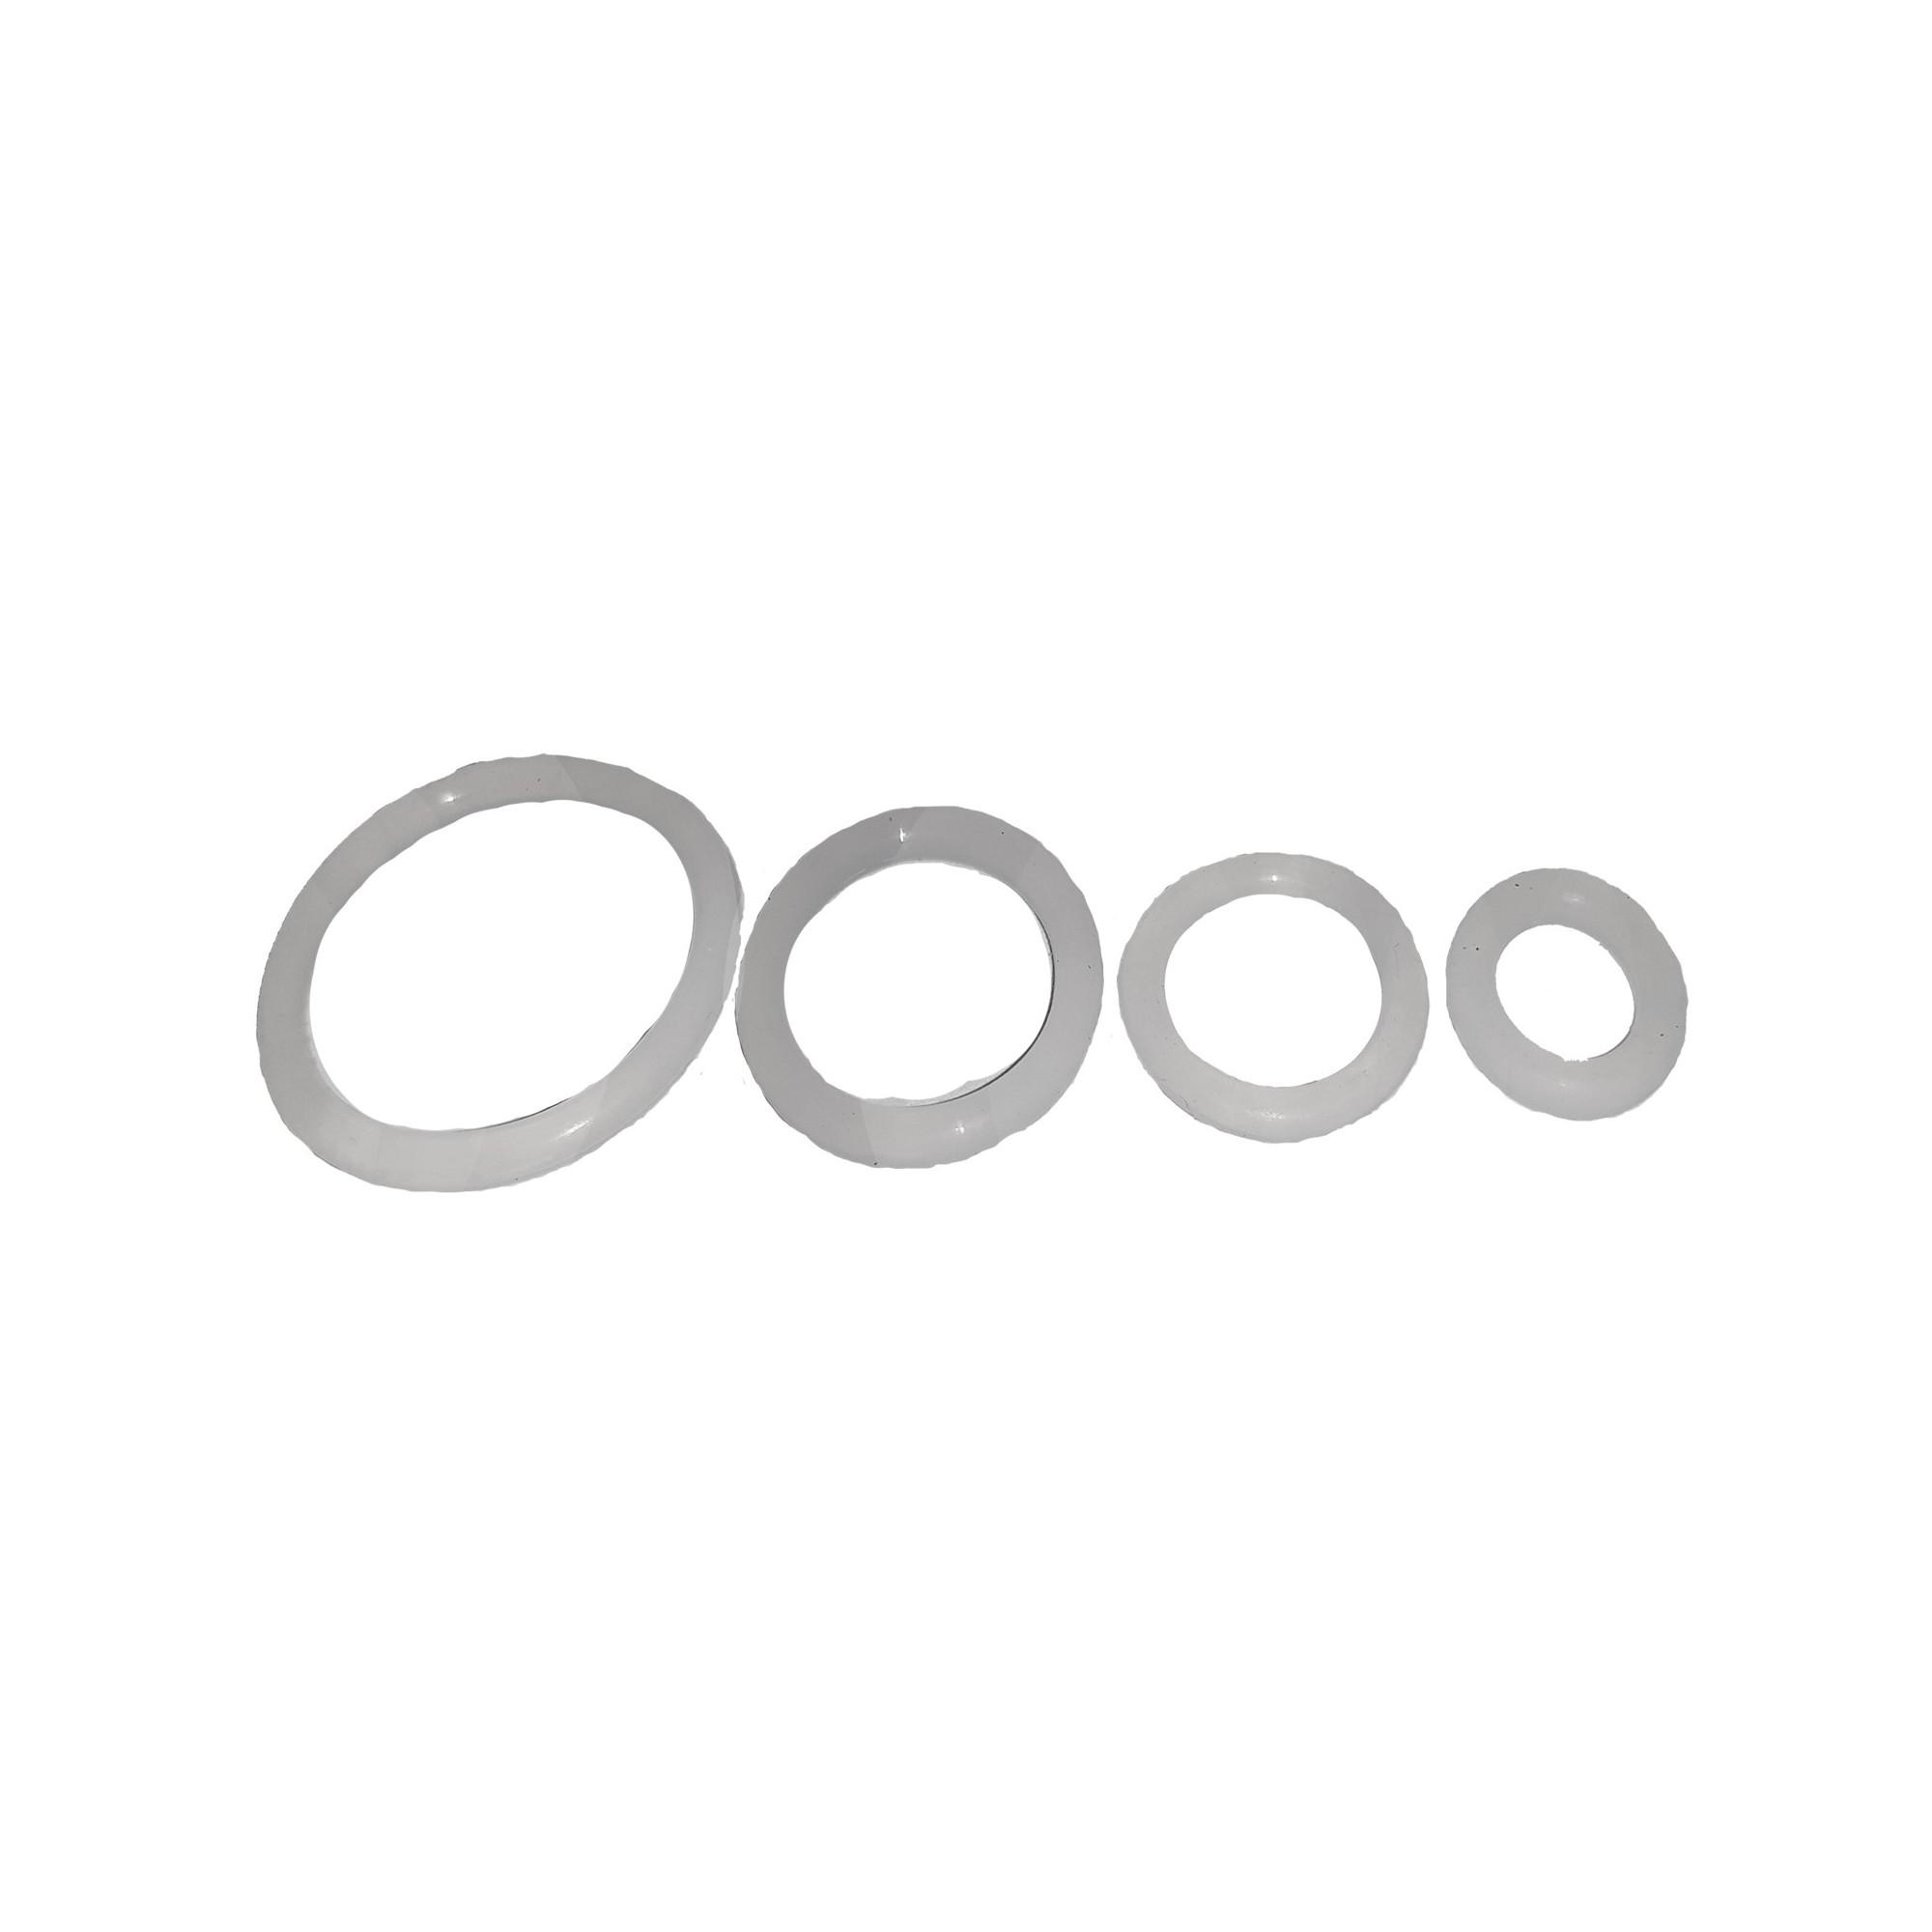 Упаковка колец силиконовых 100 шт пищевых термостойких 5.2мм*9мм*1.9мм J.G. - 1